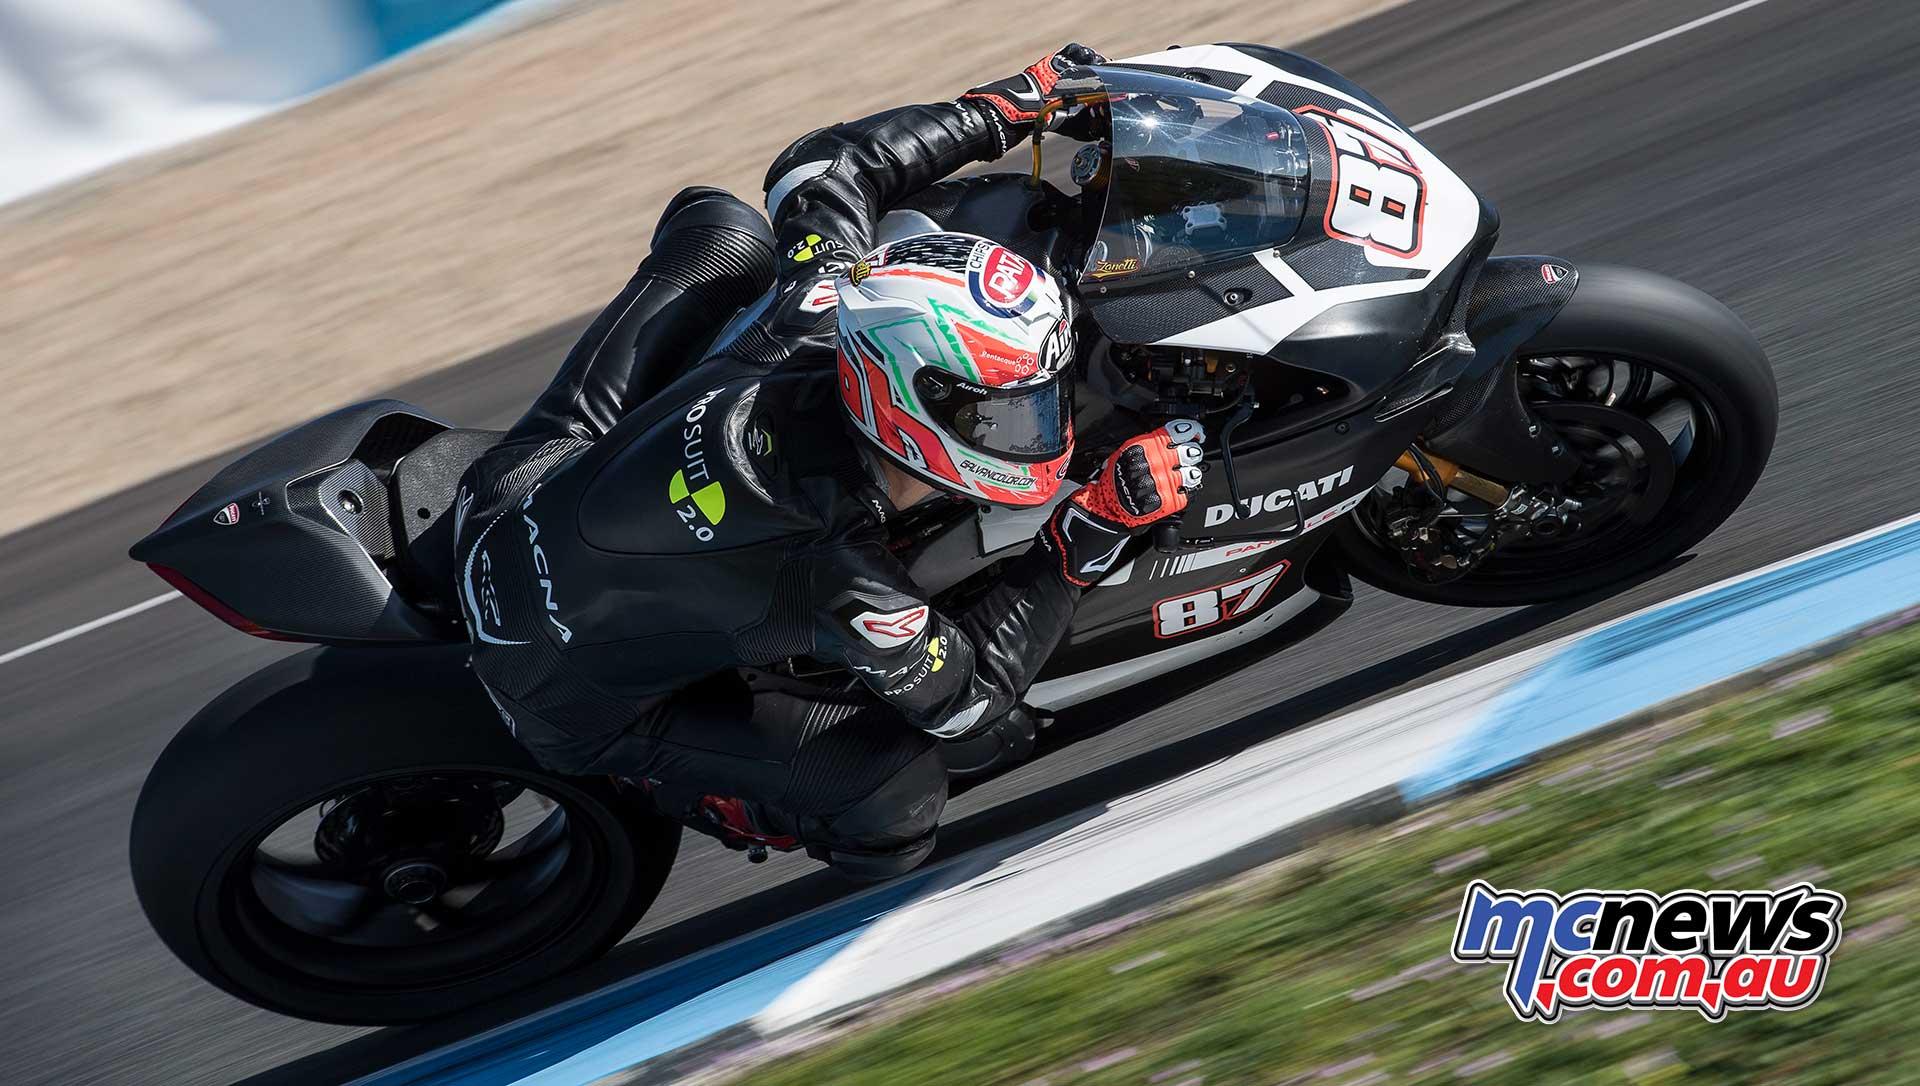 Fastest Ducati In The World